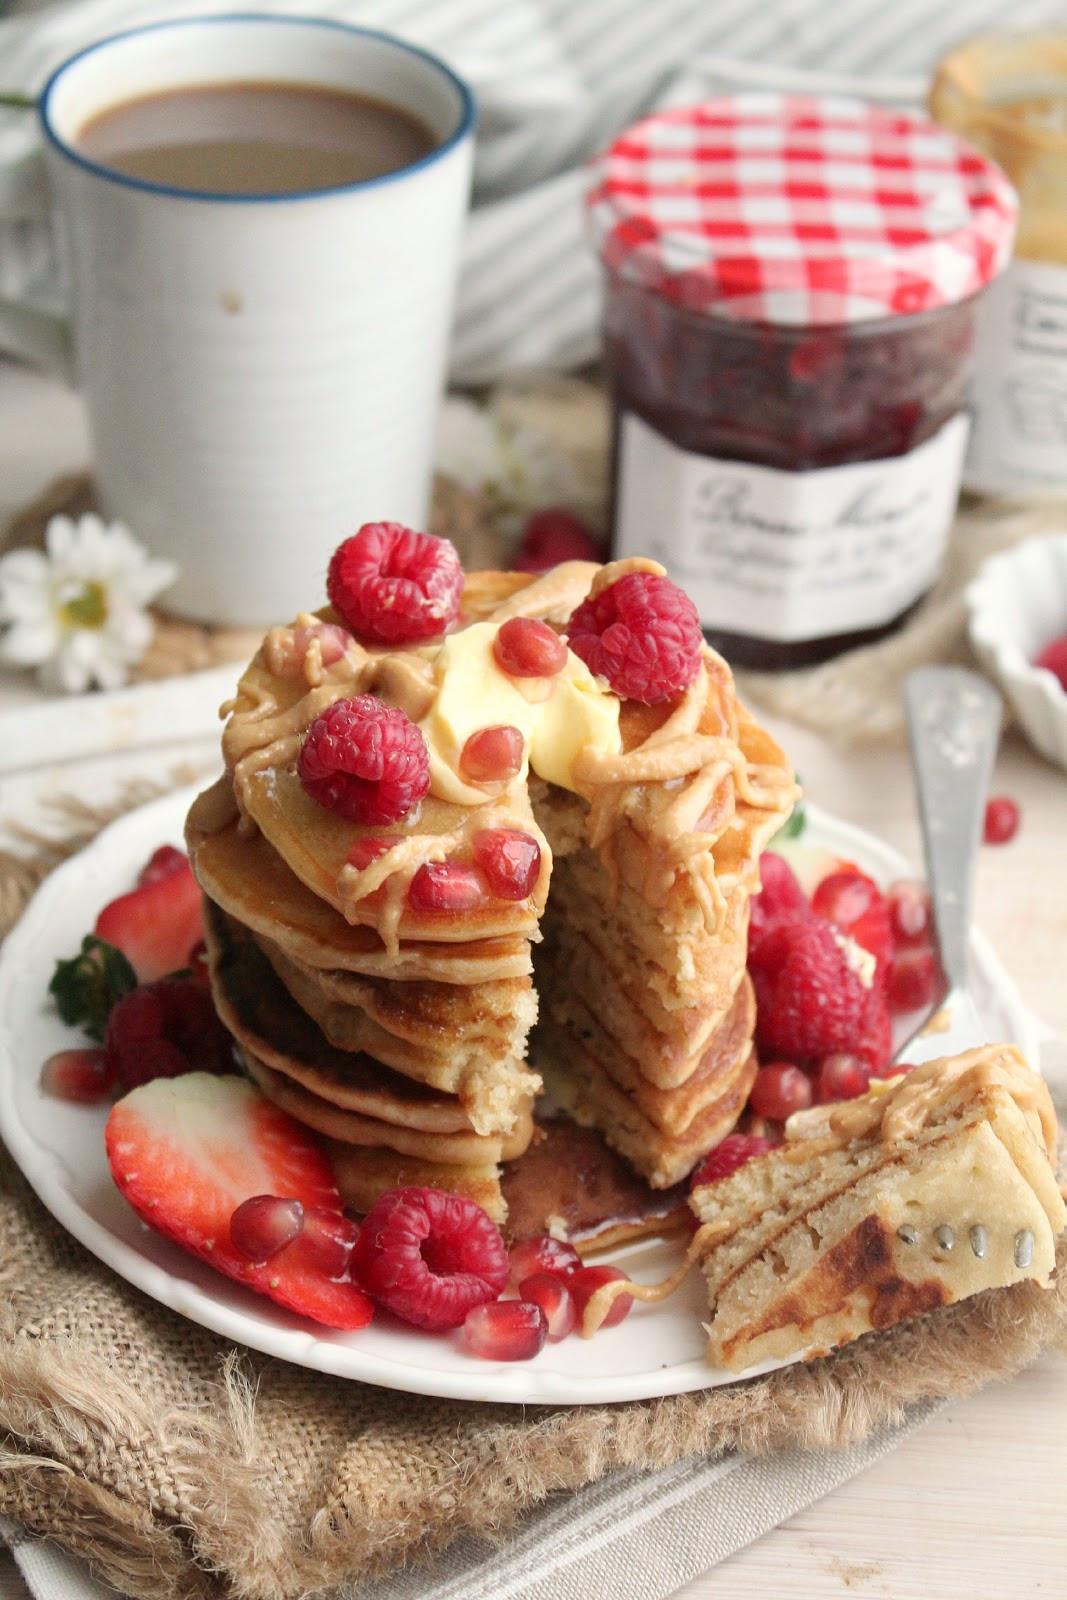 Vegan Buttermilk Pancakes  Vegan Buttermilk Pancakes earthly taste